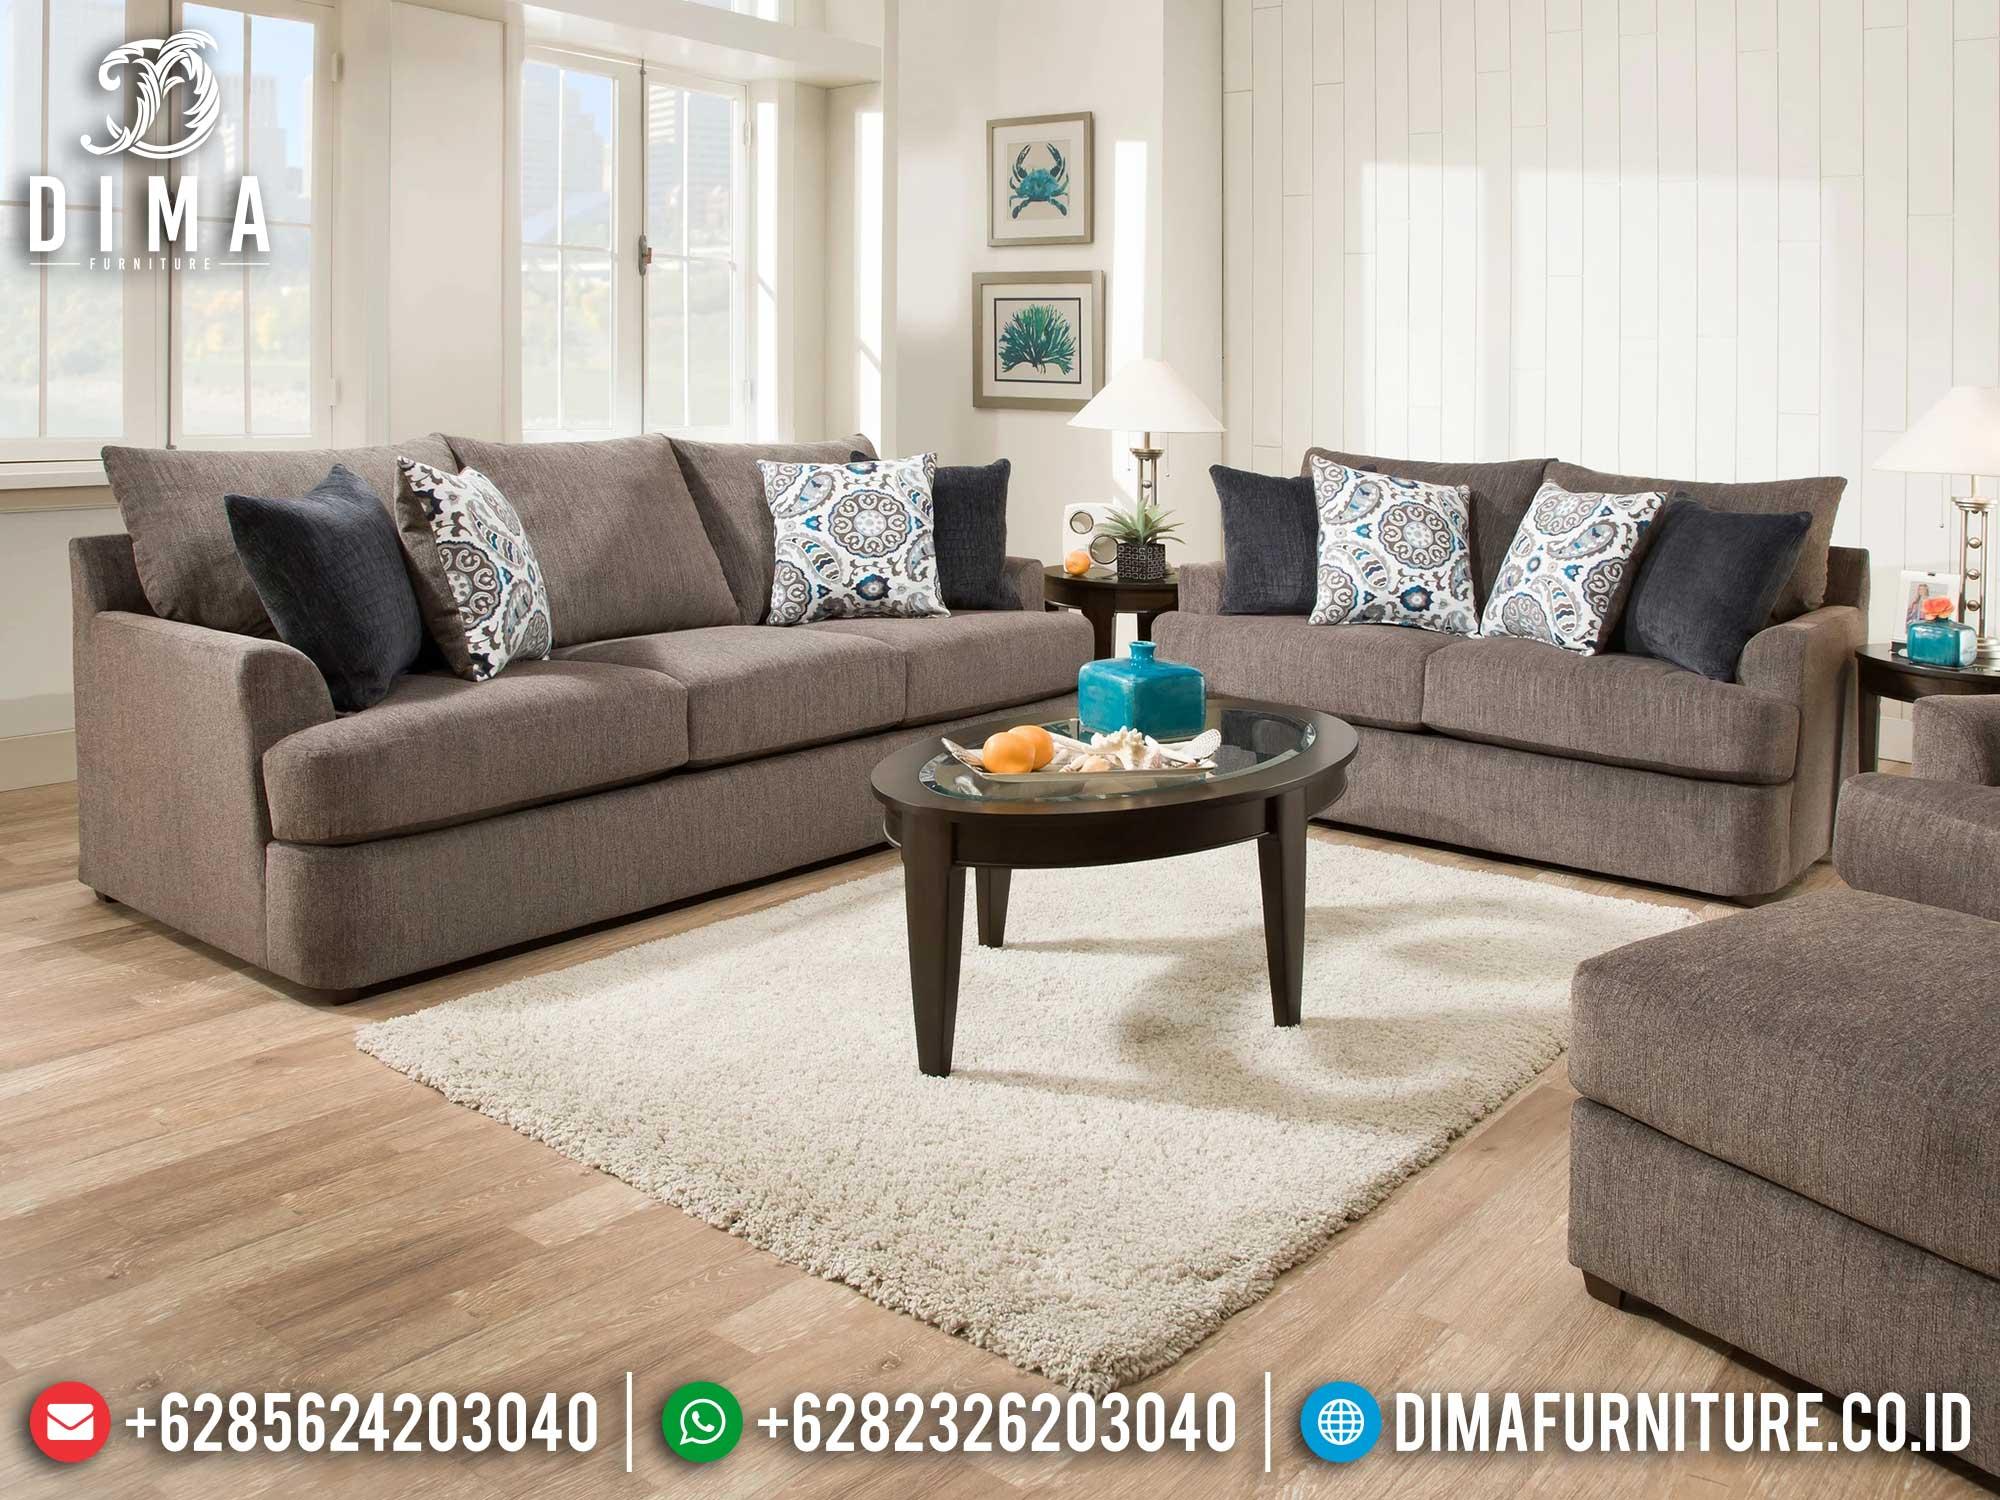 Sofa Tamu Minimalis Jepara Comfortable Design New Brown Fabric Color Mm-0934